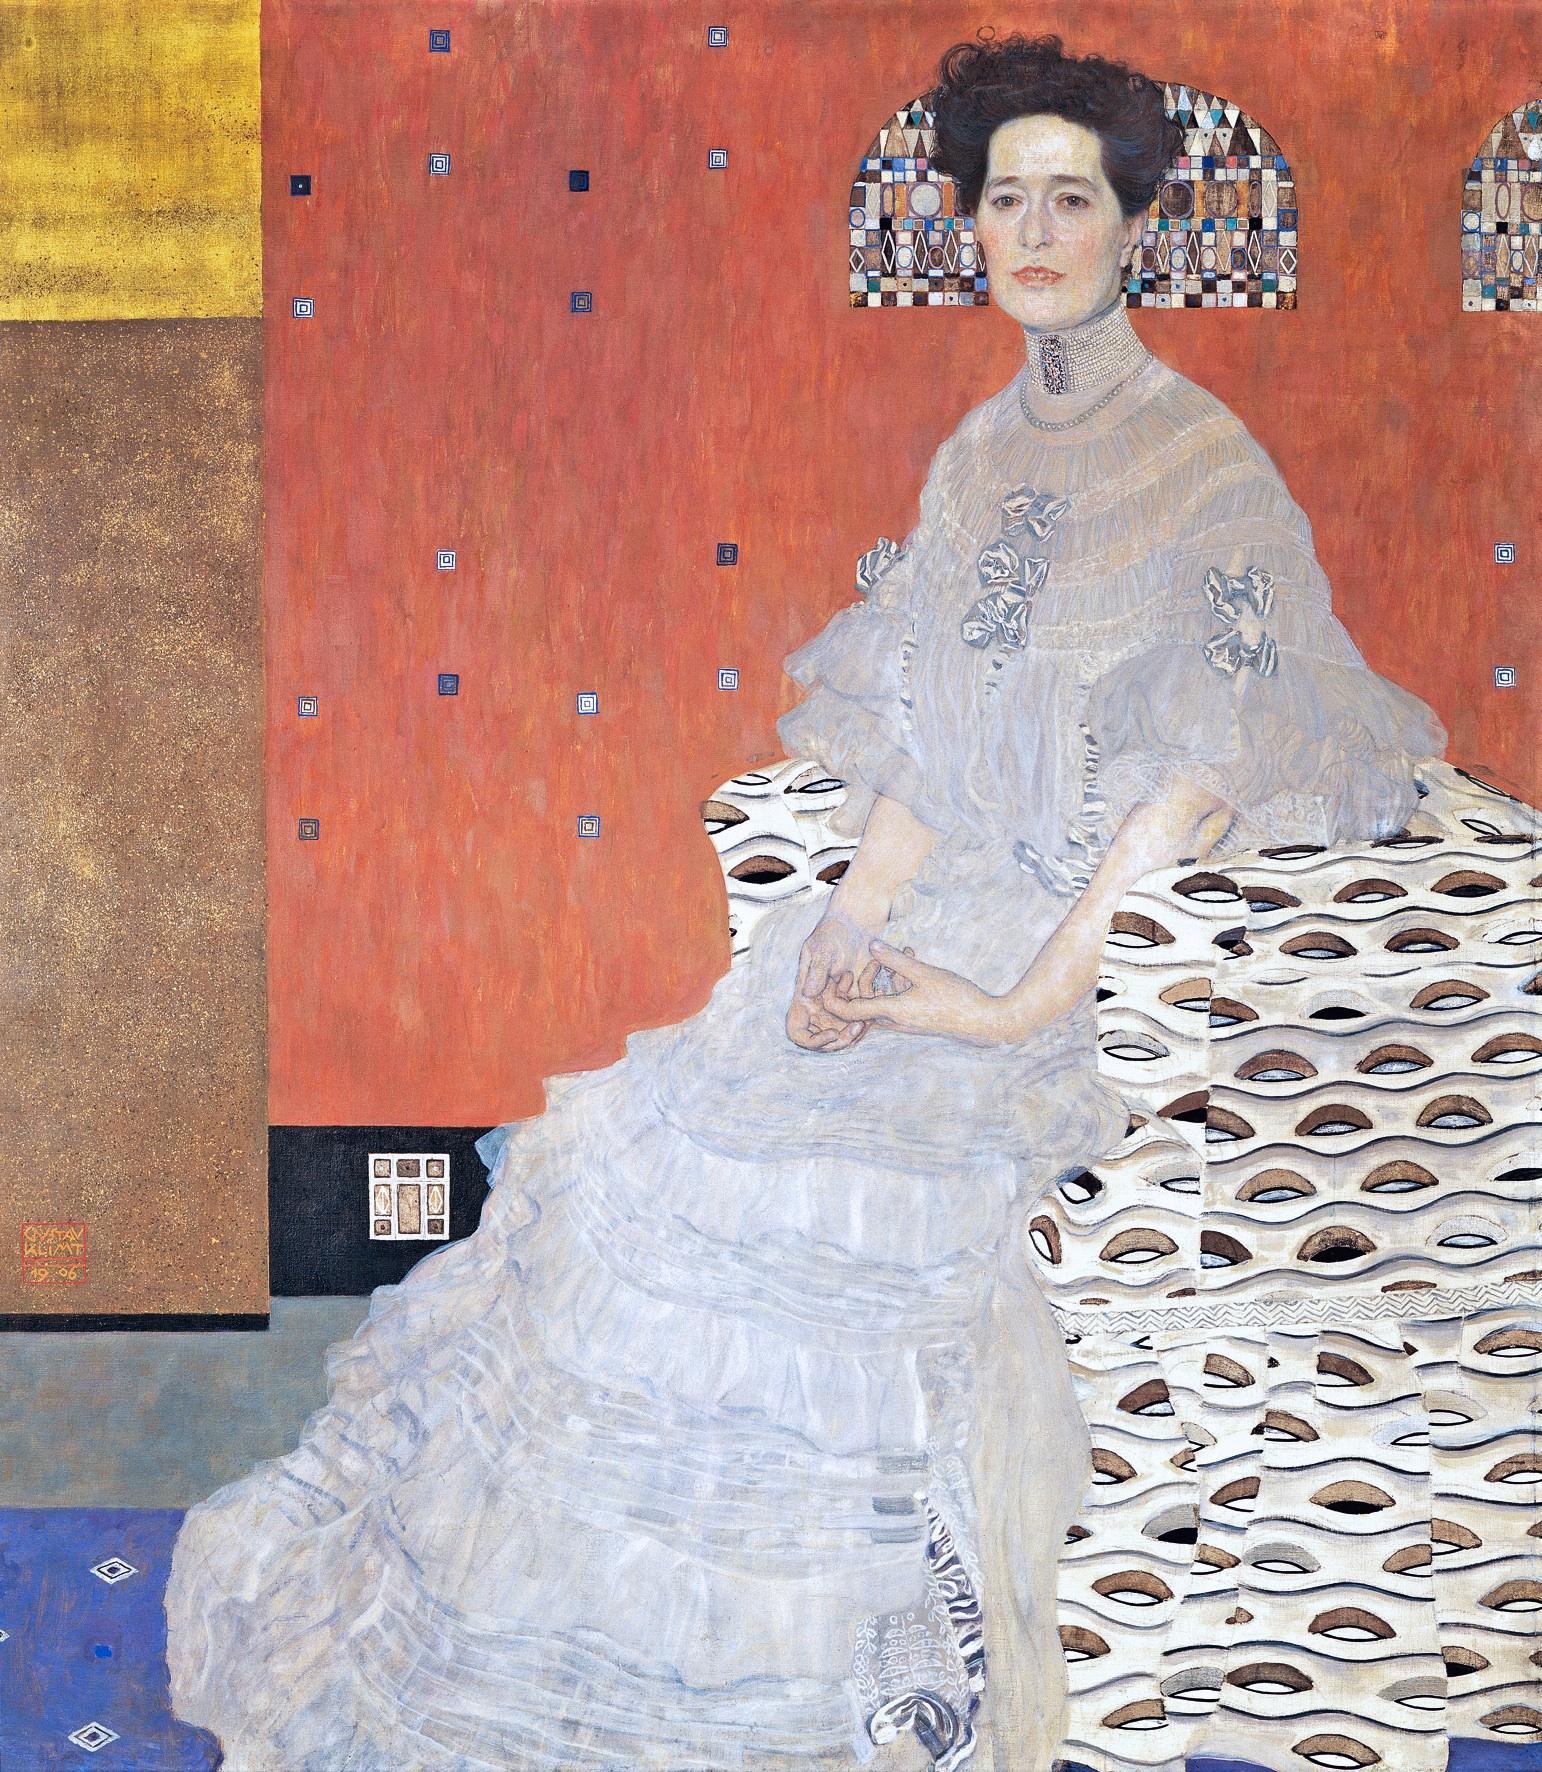 Une femme vêtue de blanc est assise sur un fauteuil blanc orné de motifs bruns. Le fond est très simple, un applas de couleur rouge et or. Derrière ses cheveux, les motifs du fond dessines une coiffe de l'ancien temps. Elle est songeuse, ses mains se tordent. Elle est pâle et a la bouche entre-ouverte.